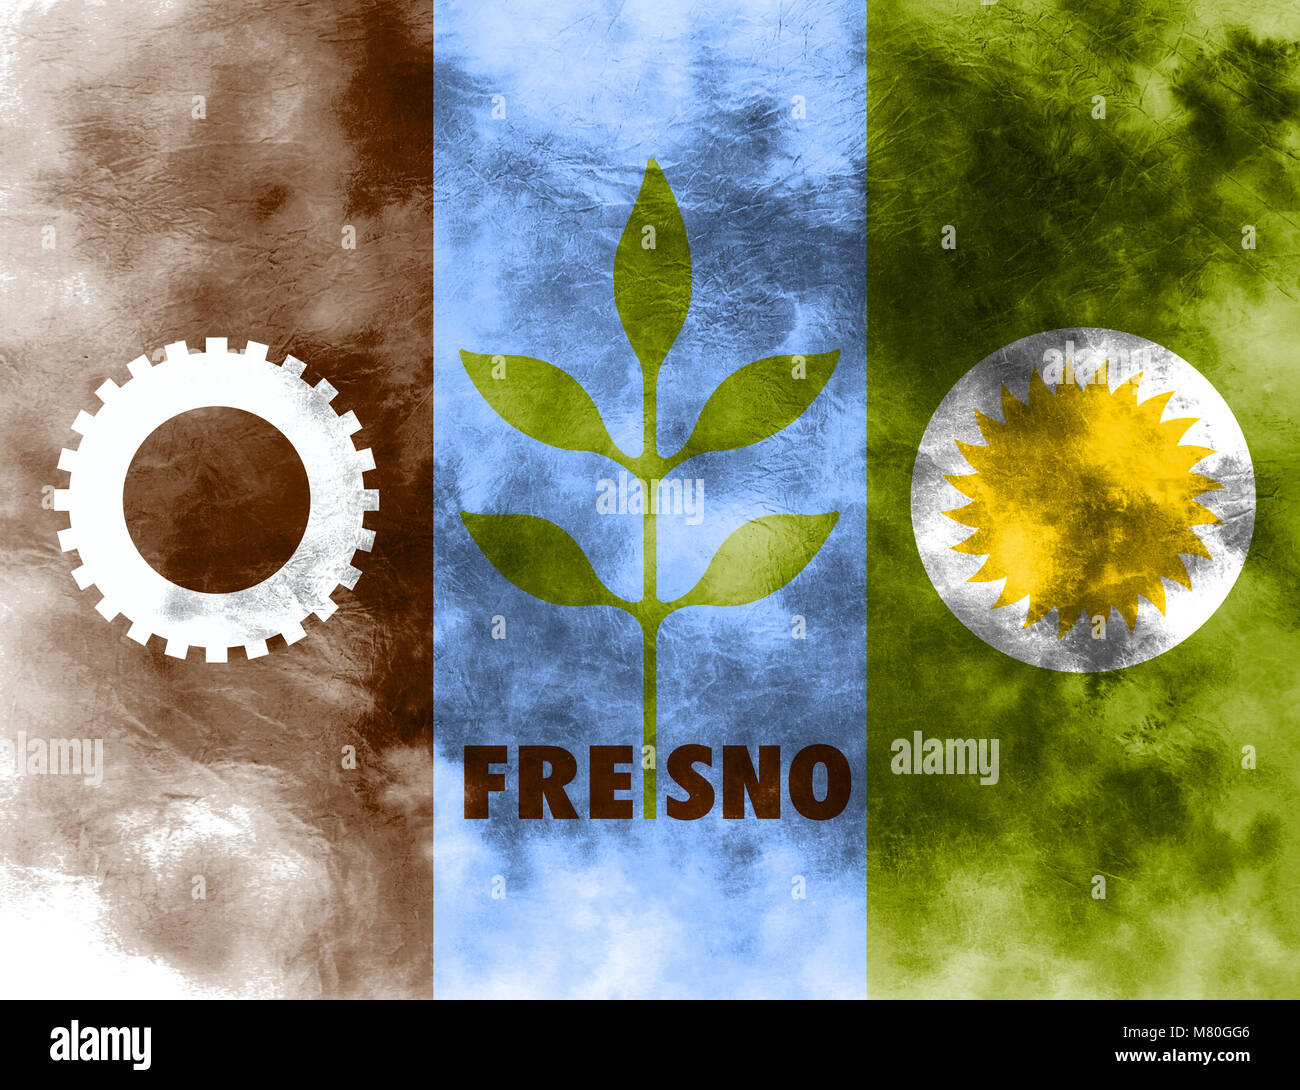 Fresno California Stock Photos & Fresno California Stock